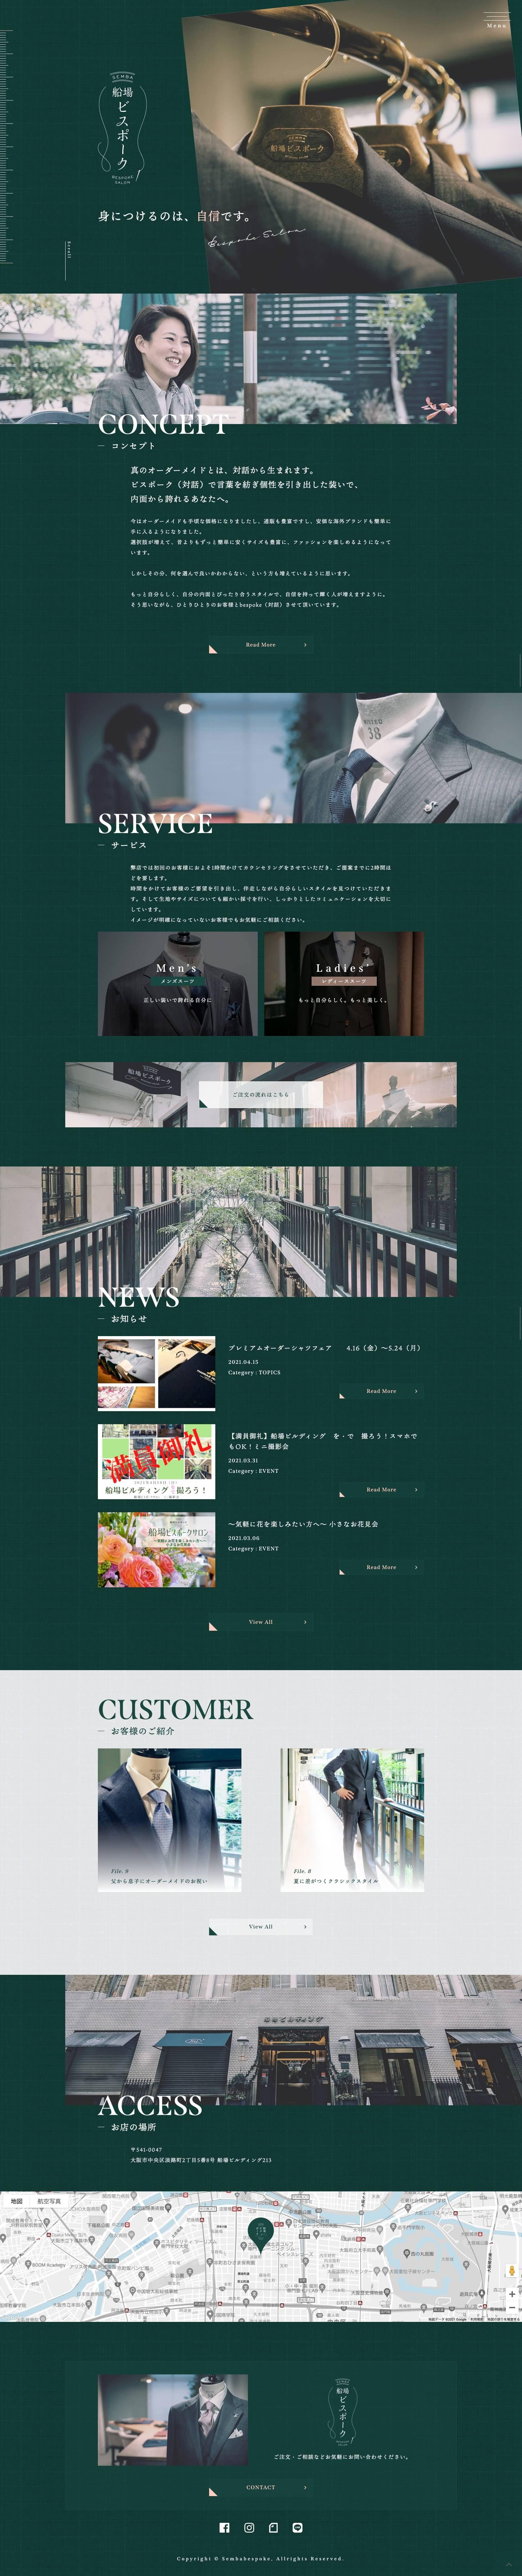 船場ビスポーク / サービスサイト